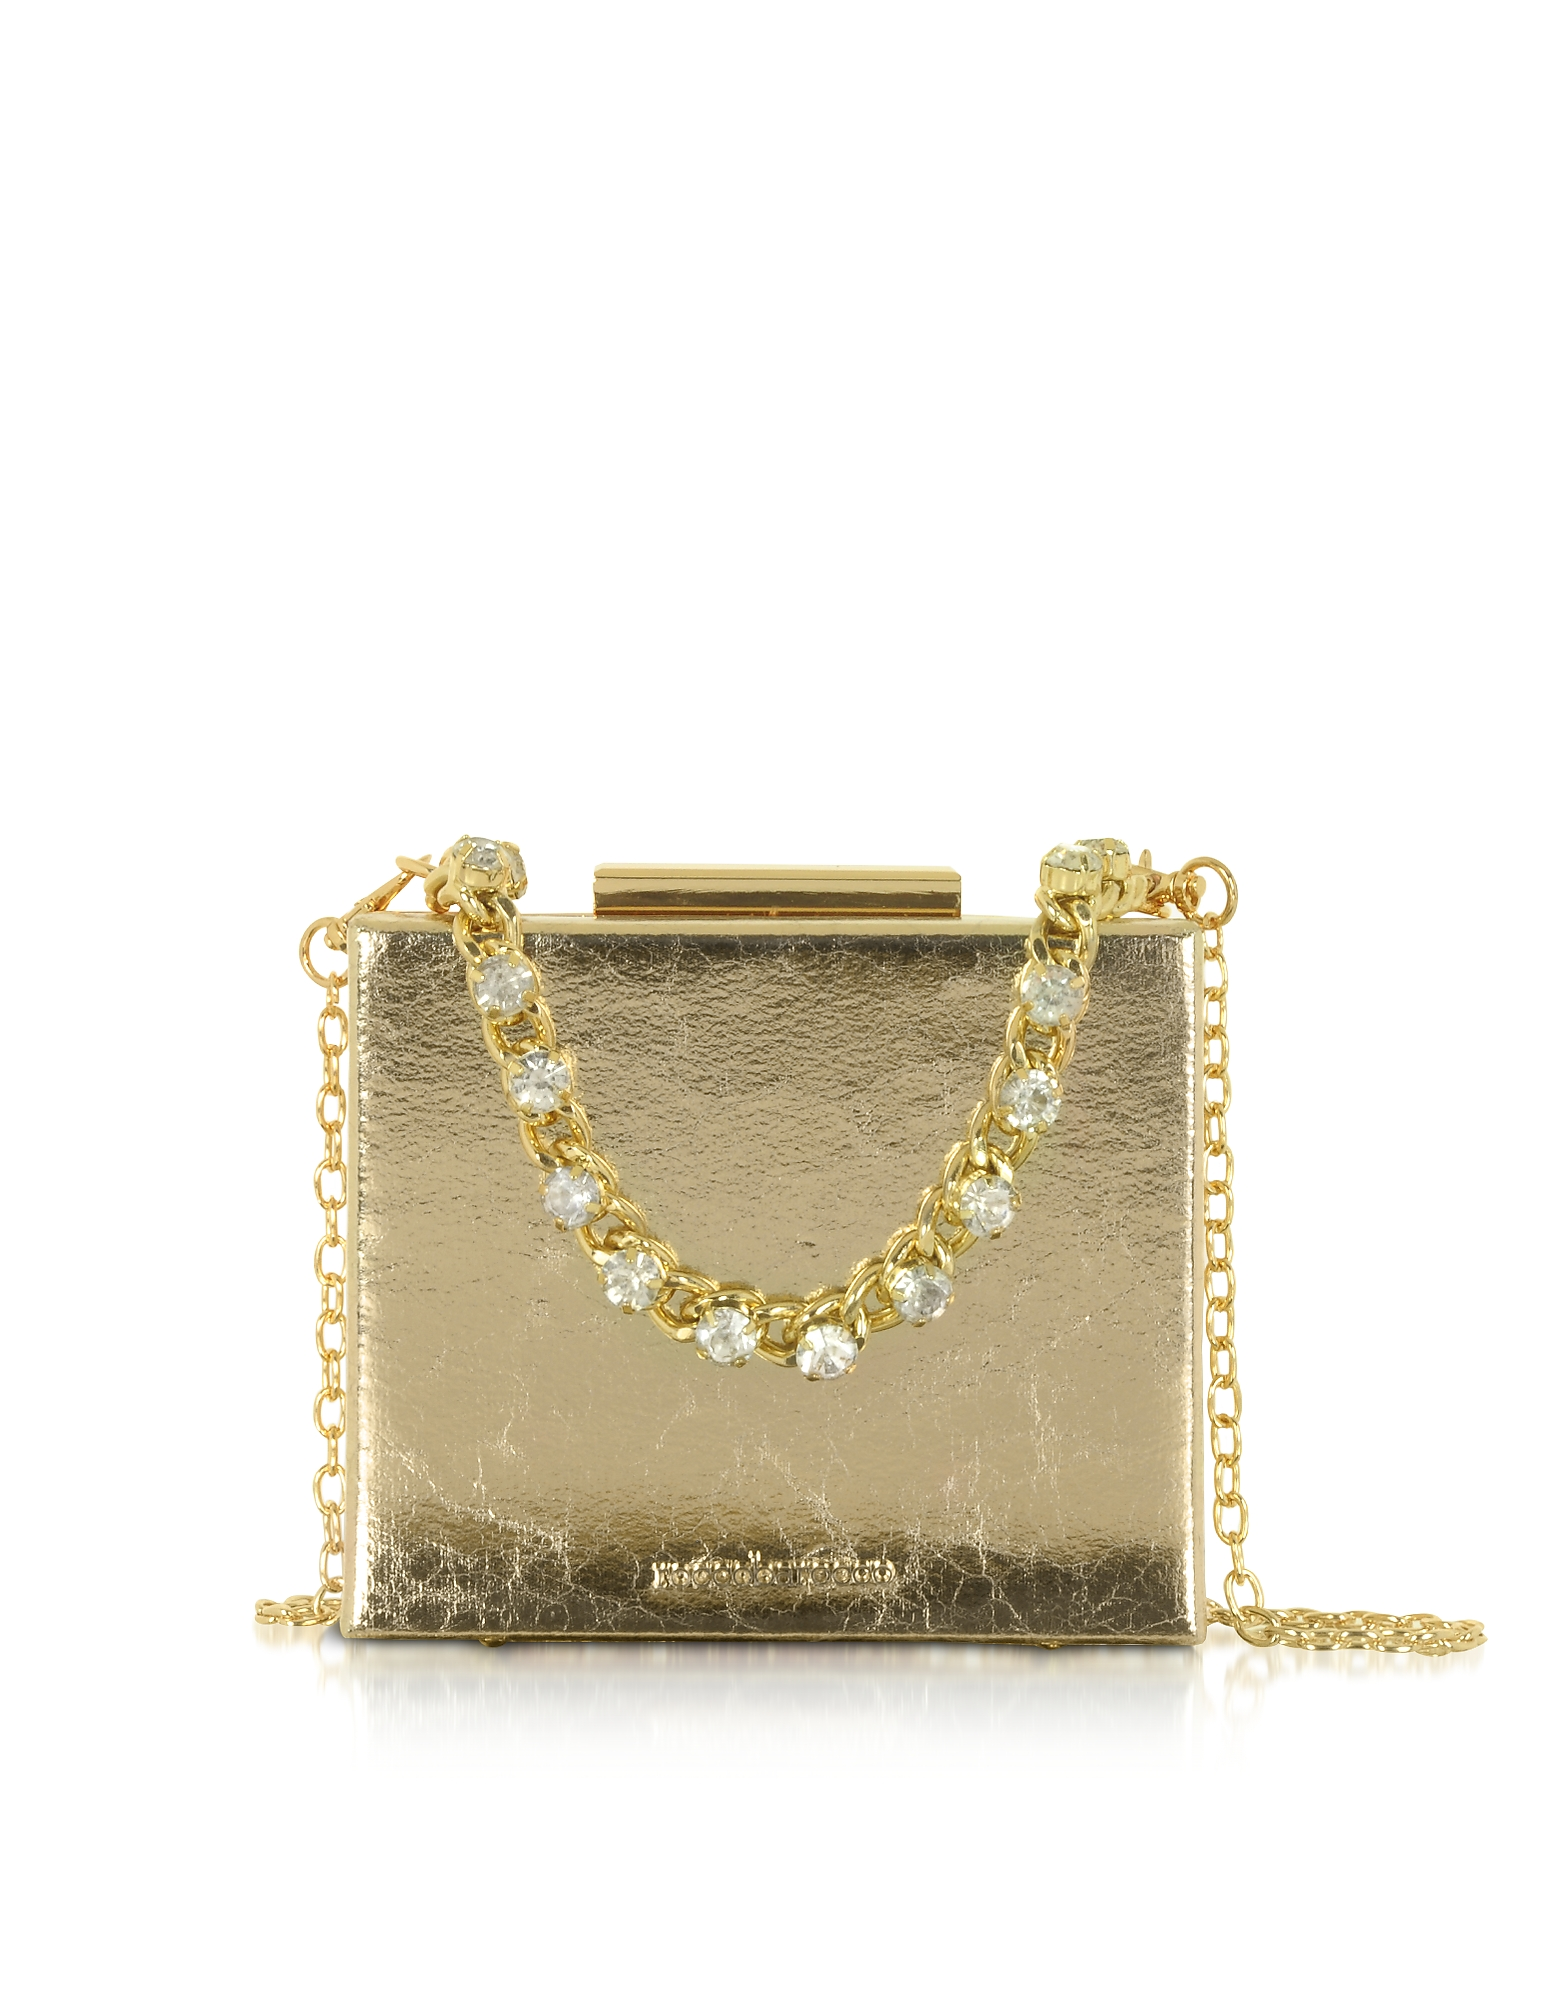 Roccobarocco Designer Handbags, Churro Laminated Eco-Leather Shoulder Bag